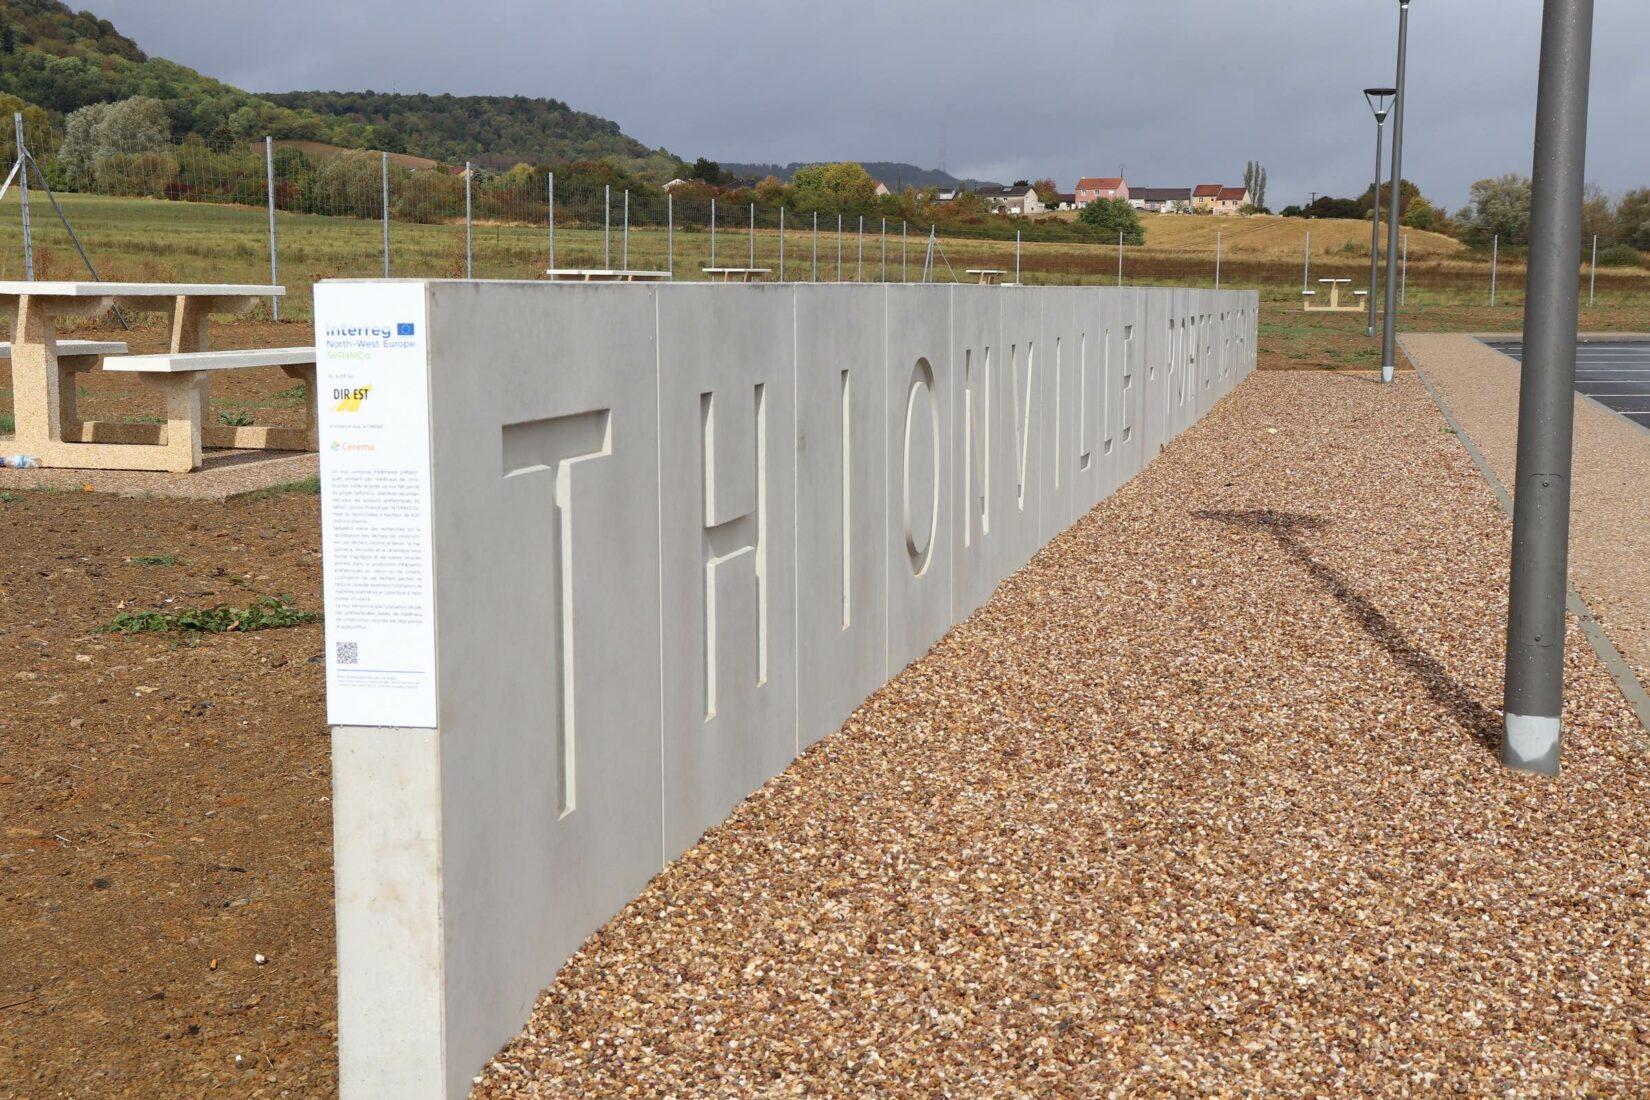 Französischer Autobahnrastplatz: Diese Wand besteht zu 100 % aus Recyclingbeton. Foto: TUK